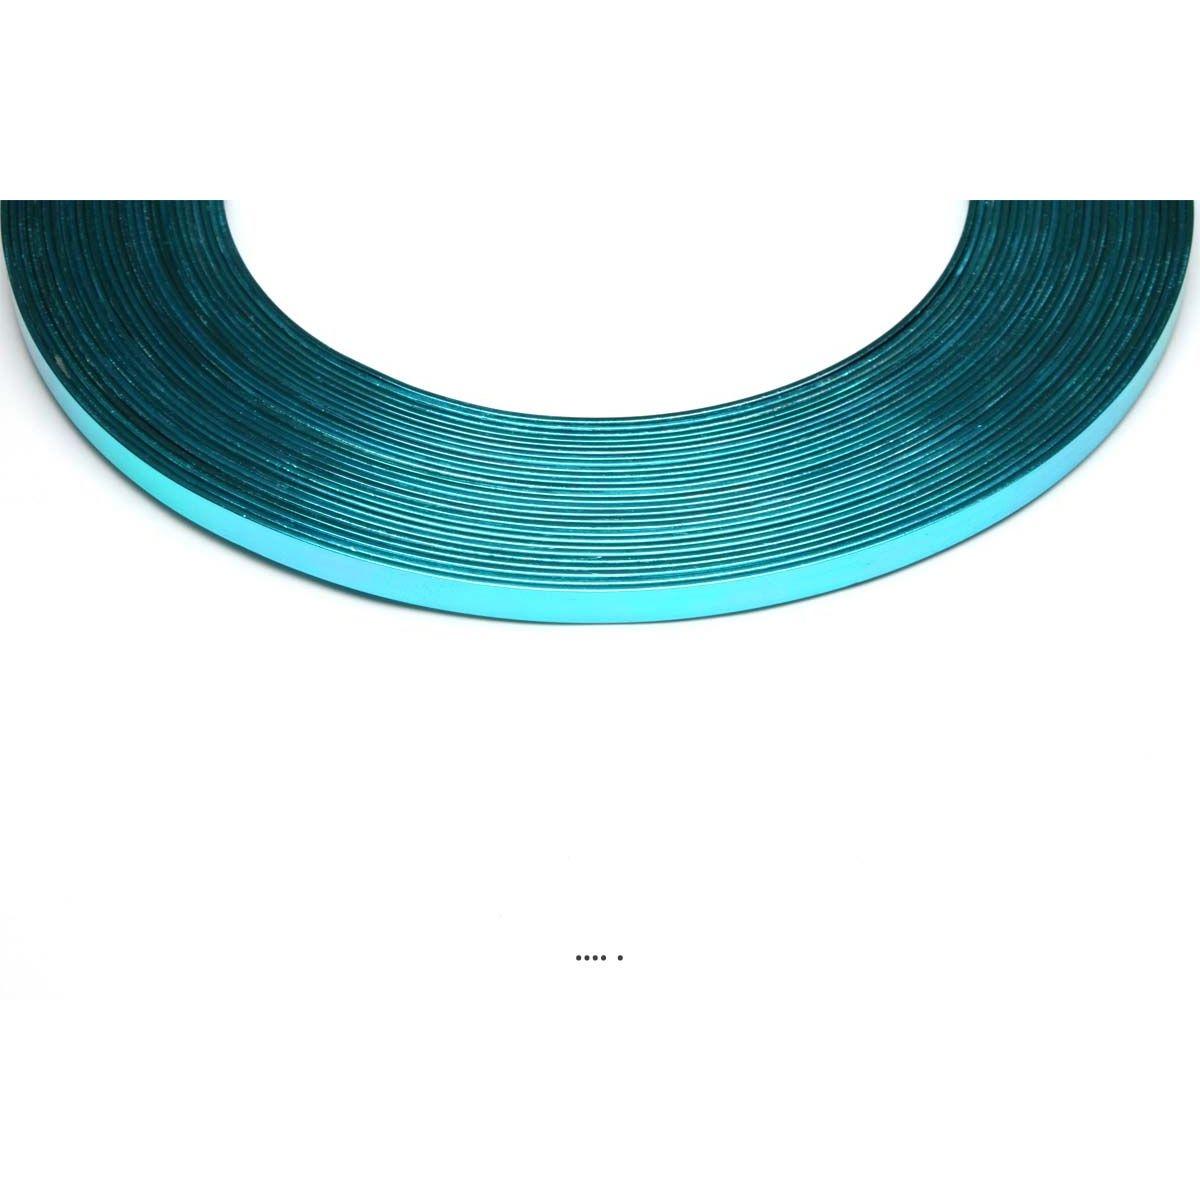 Fil aluminium Plat Bleu Turquoise souple lg 5 mm L 10 metres decoration - choisissez votre coloris: Bleu Turquoise